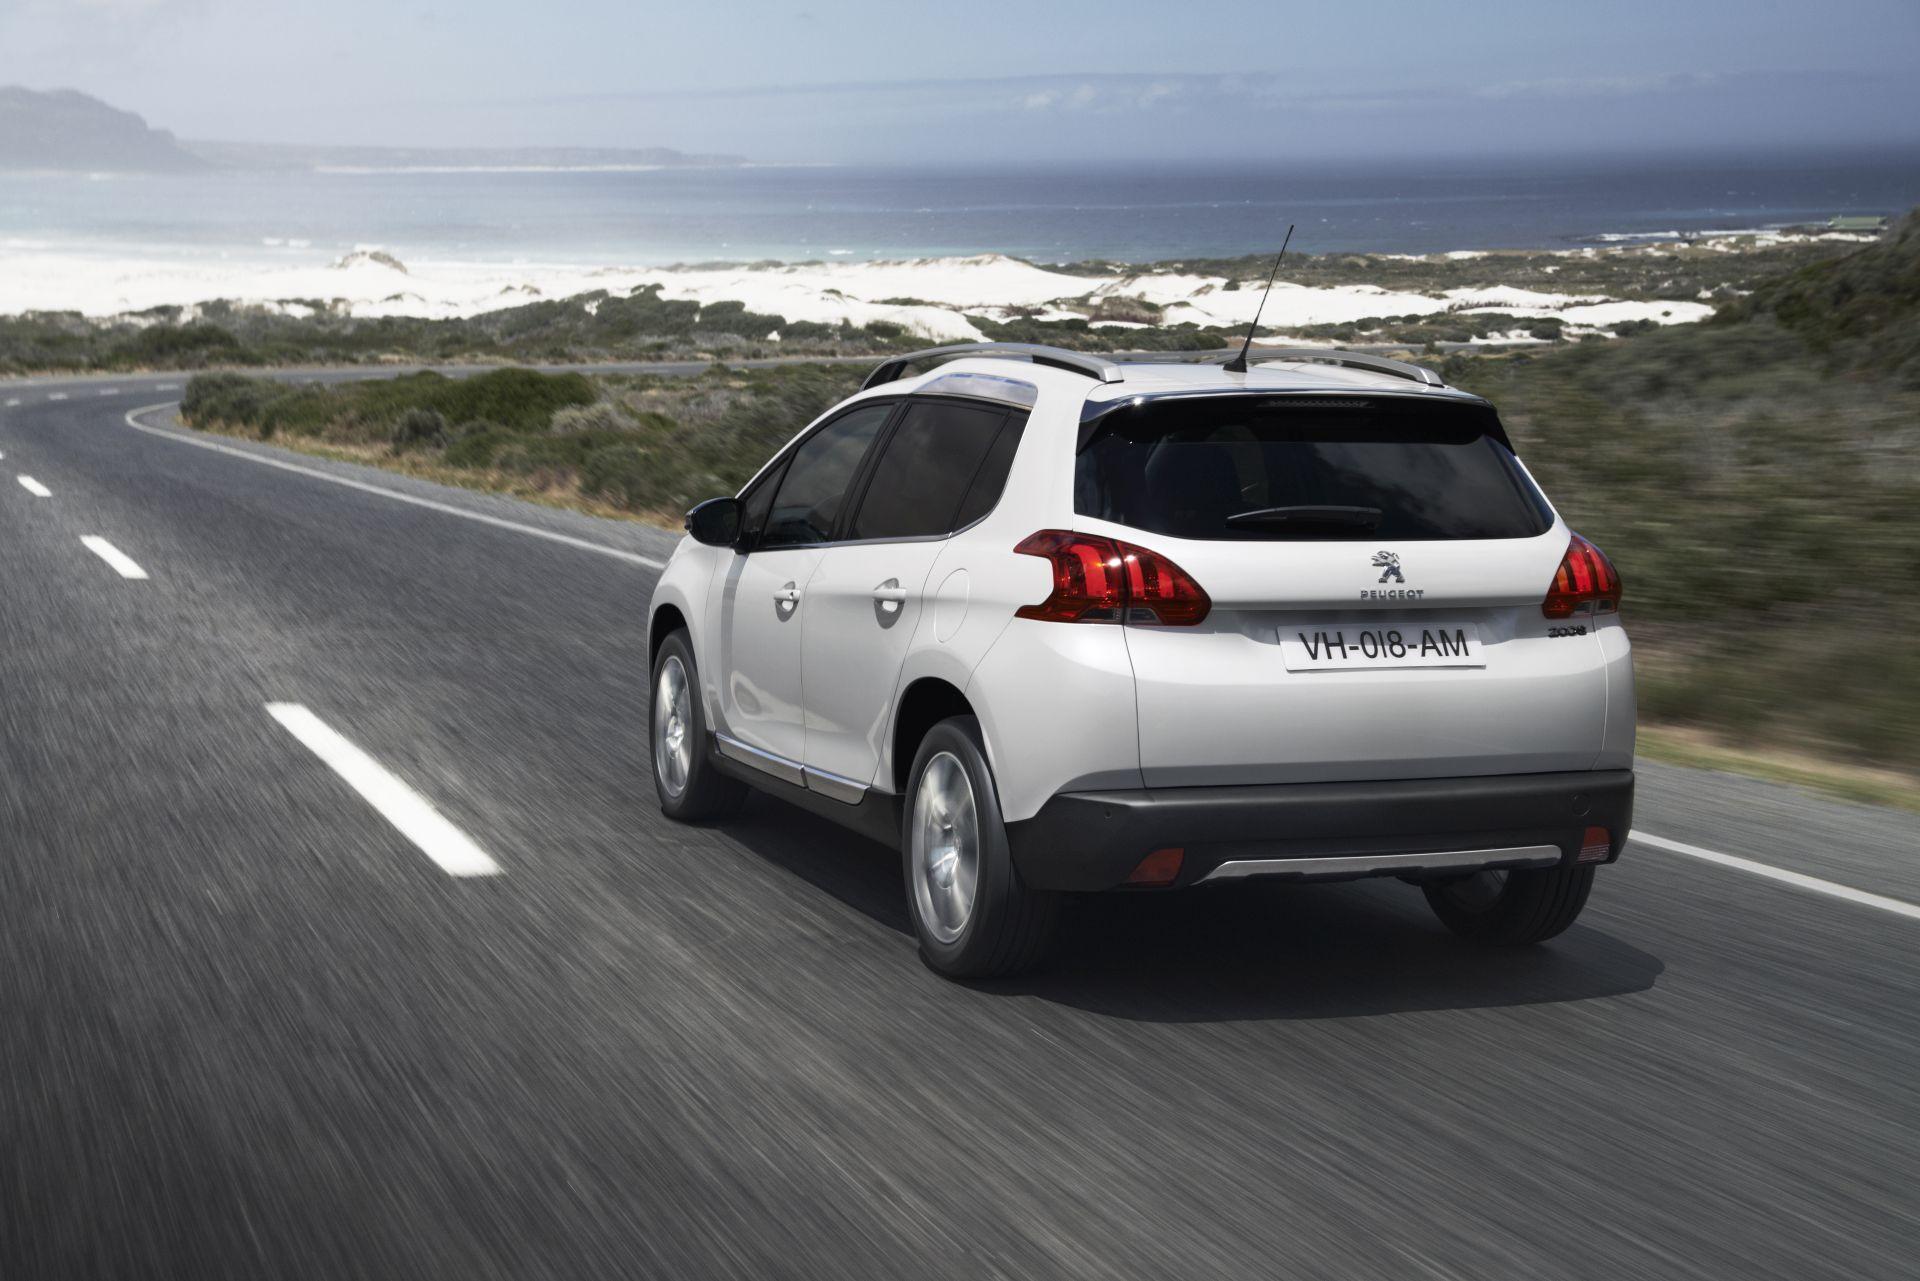 Peugeot 2008 byl nejprodávanějším modelem za první pololetí 2018 francouzské automobilky na českém trhu. Foto: Peugeot